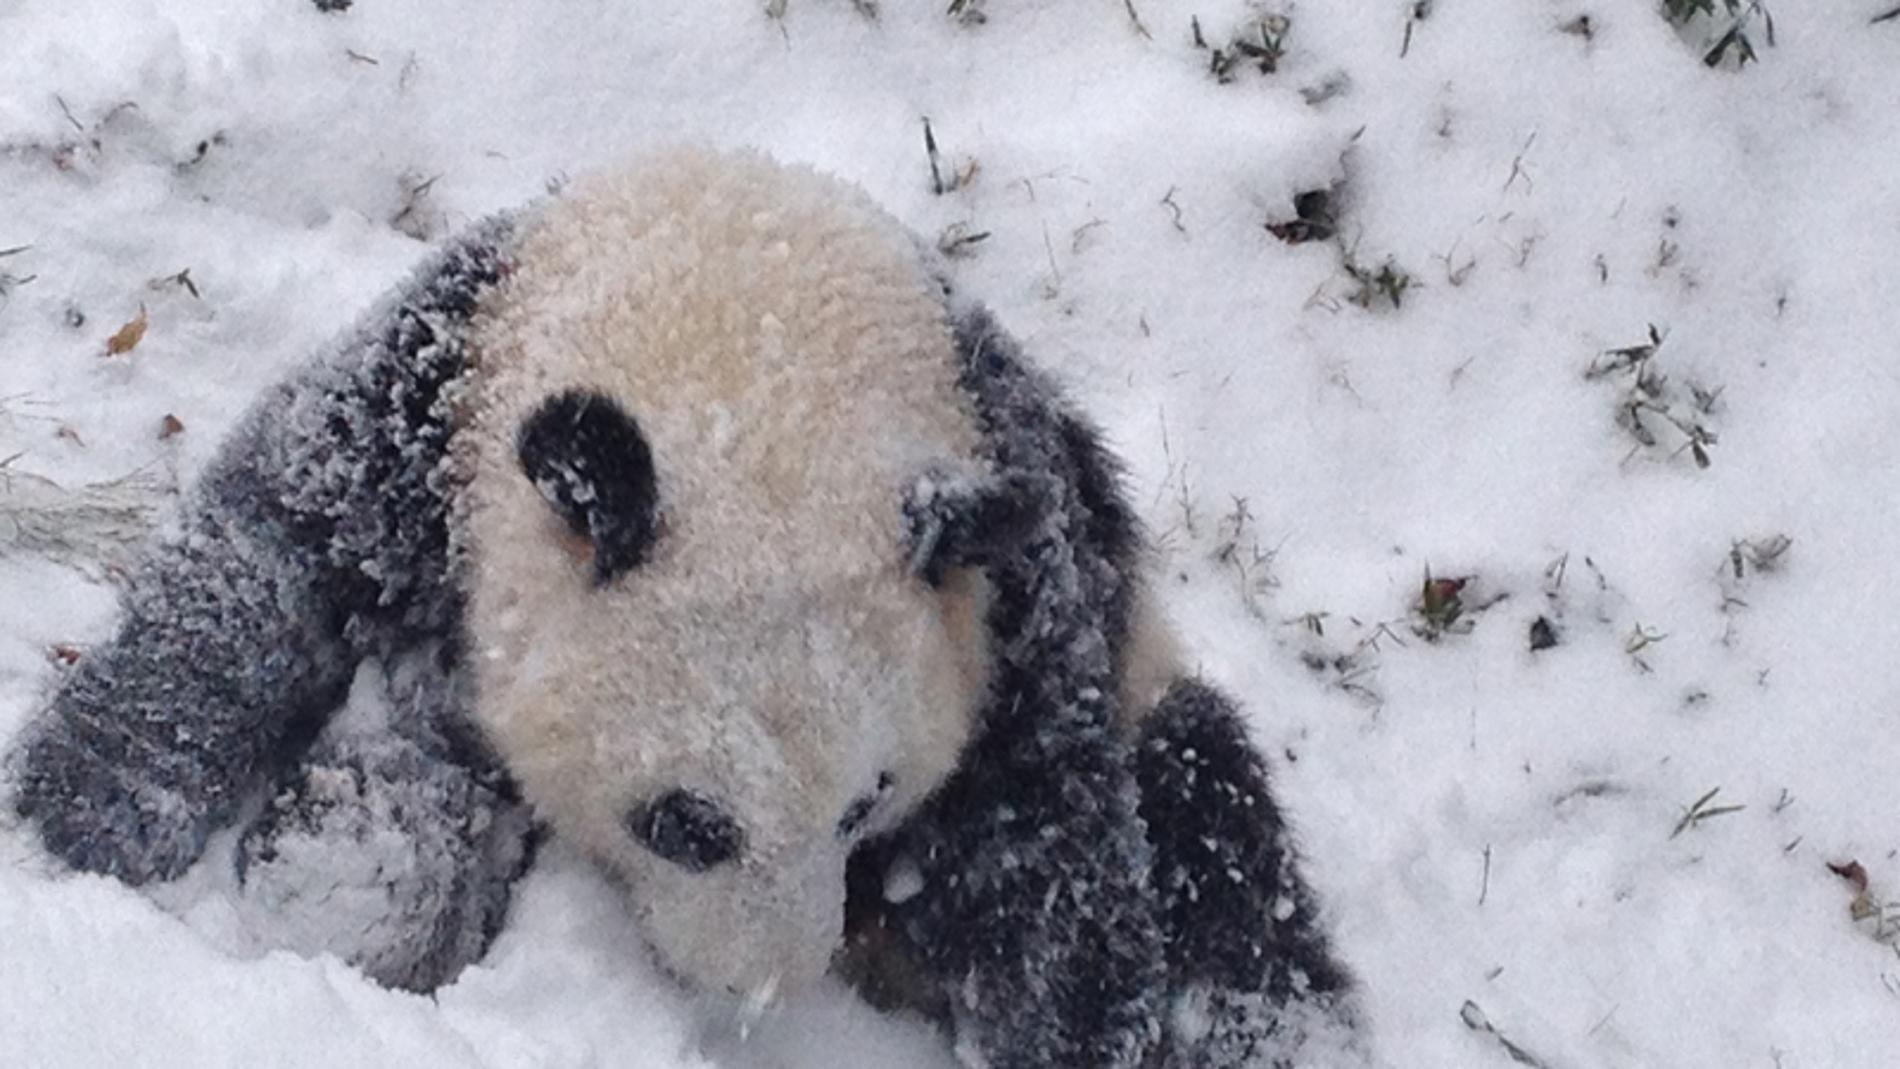 Oso Panda en mitad de la nieve